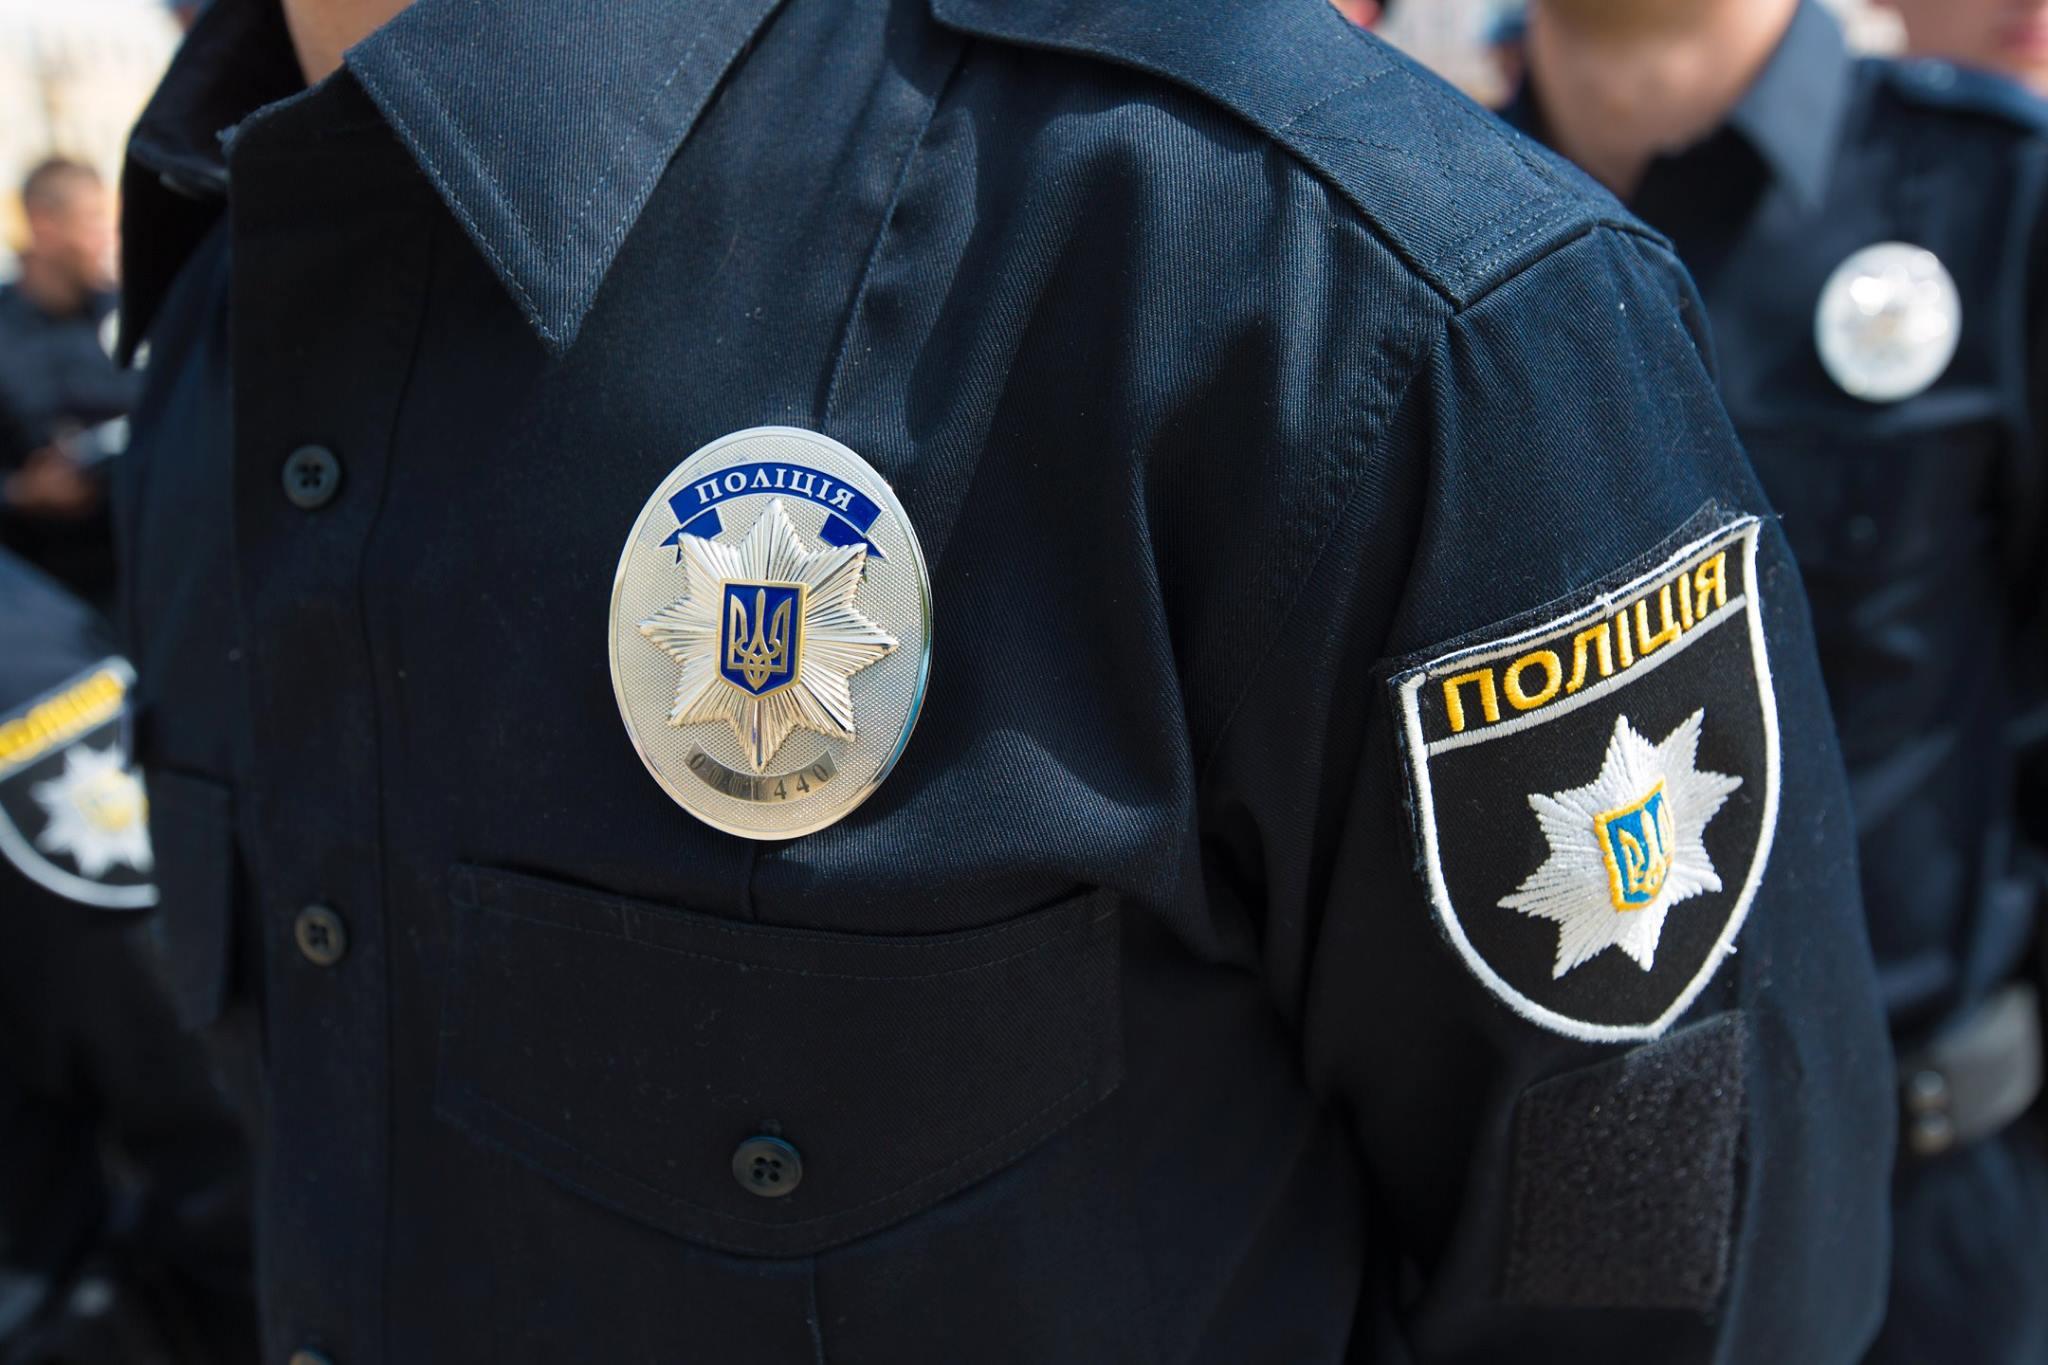 Полиция Киева предотвратила серьезный теракт: задержан автомобиль, перевозивший 6,5 кг взрывчатки, готовой к использованию - кадры